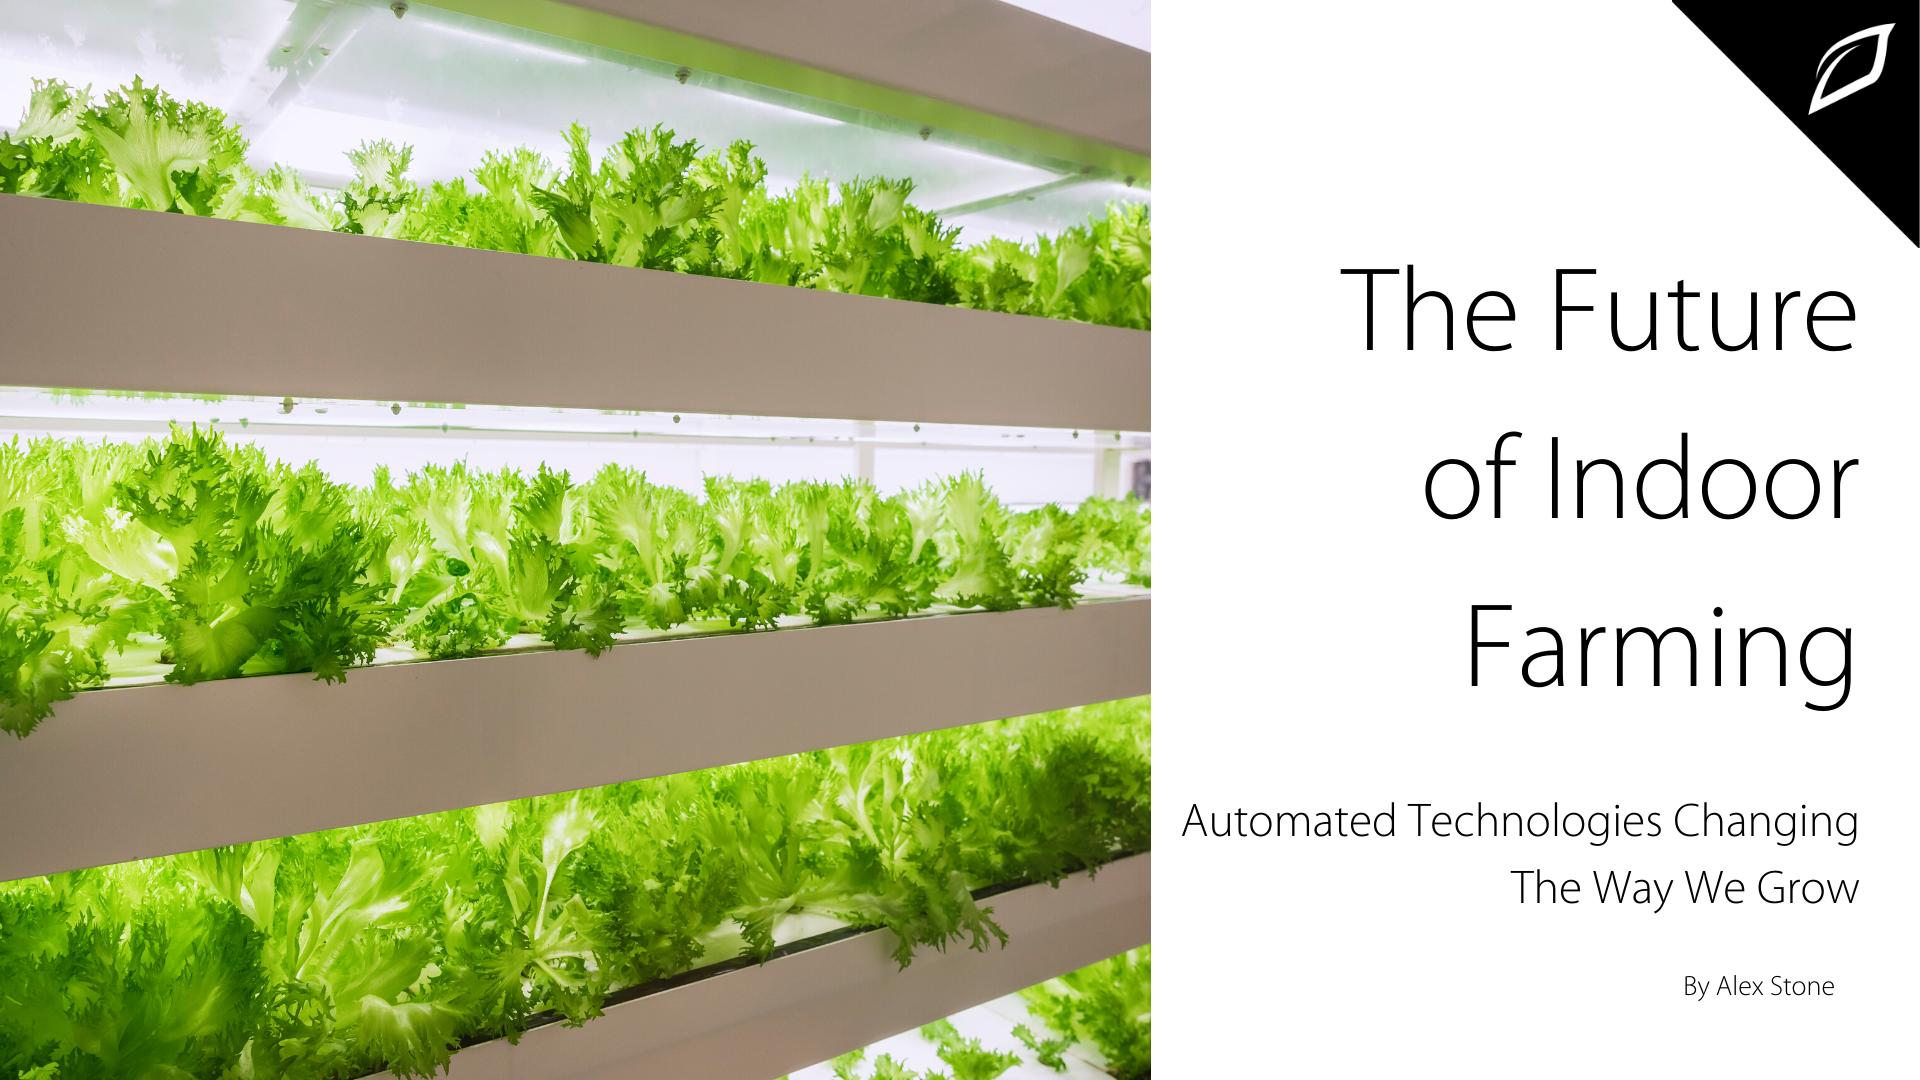 Future of Indoor Farming